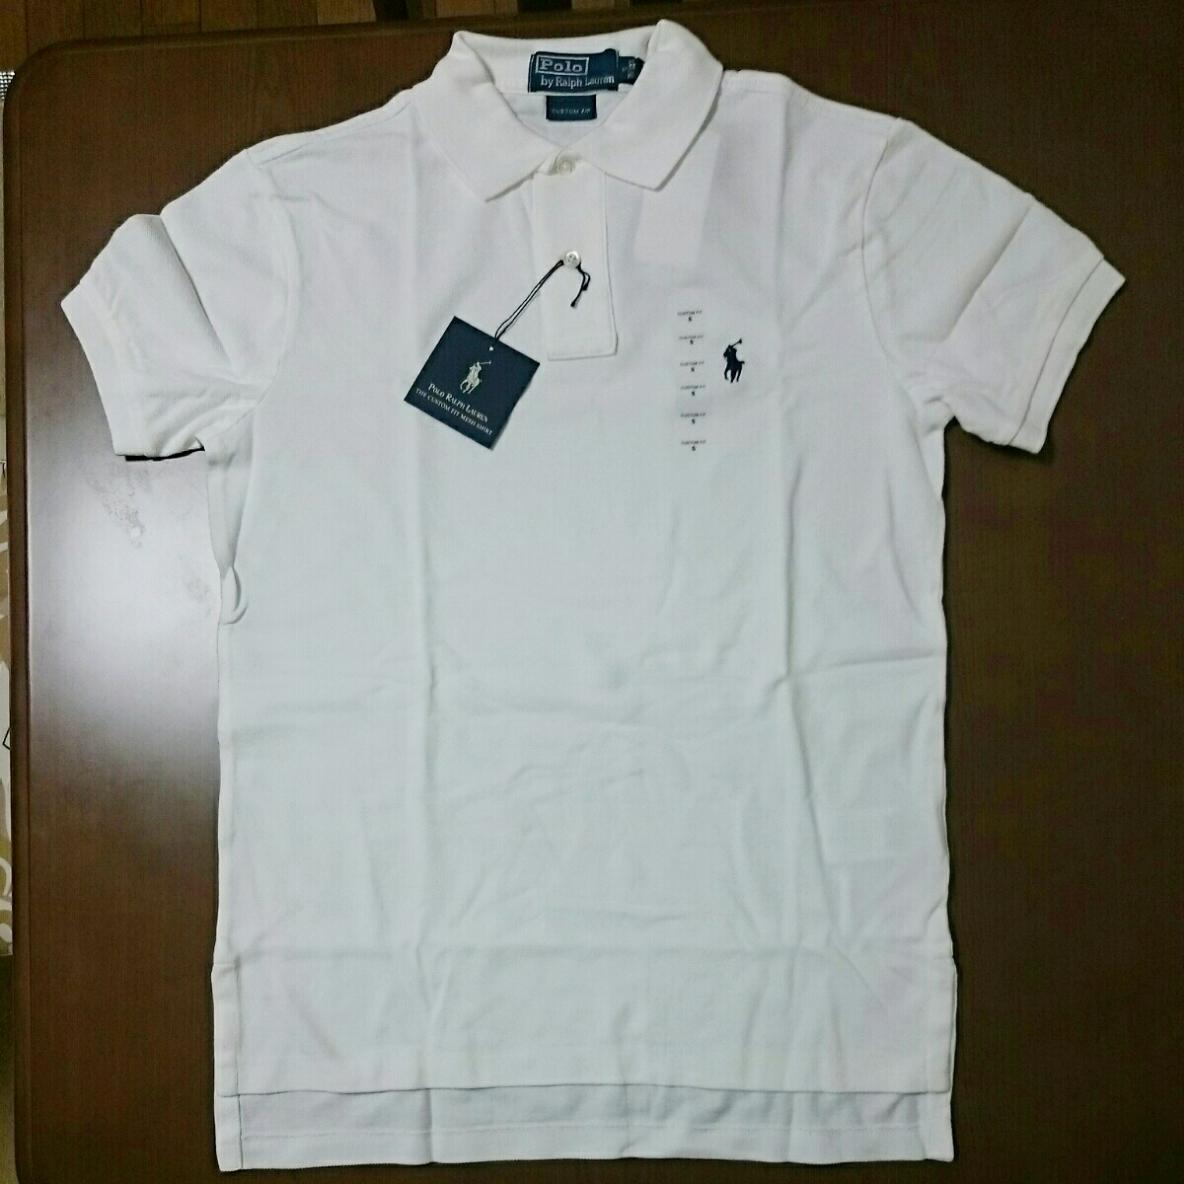 【新品】ポロラルフローレン半袖ポロシャツS 国内M位 ホワイト